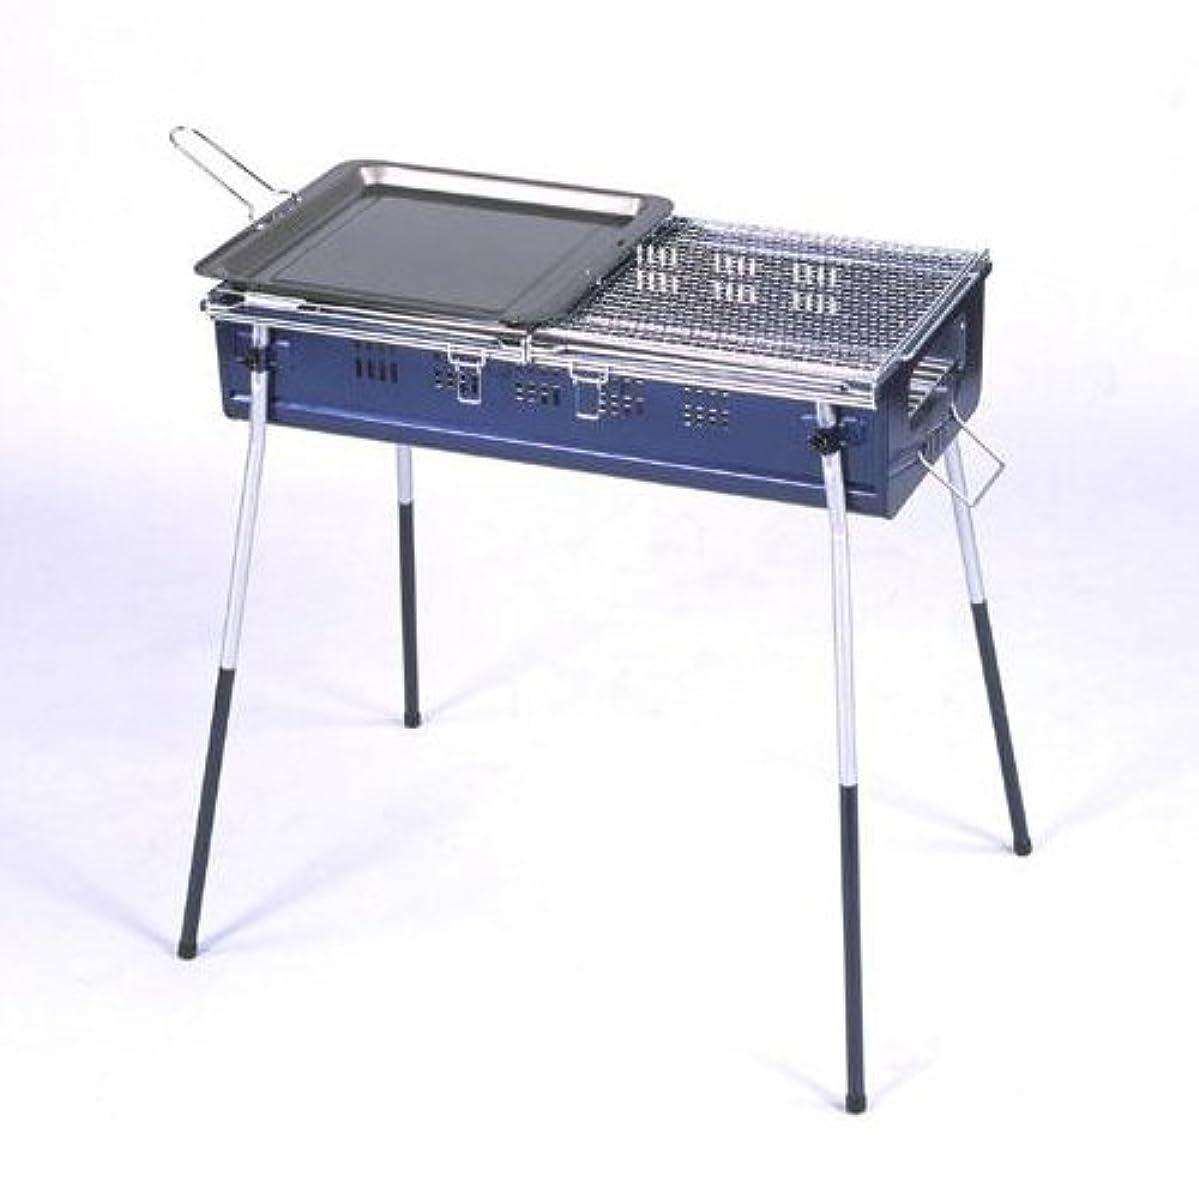 チャンバー愛監査バーベキューコンロ CB-650NSL20☆焼き網スライドで焼きすぎ防止&炭足し簡単!